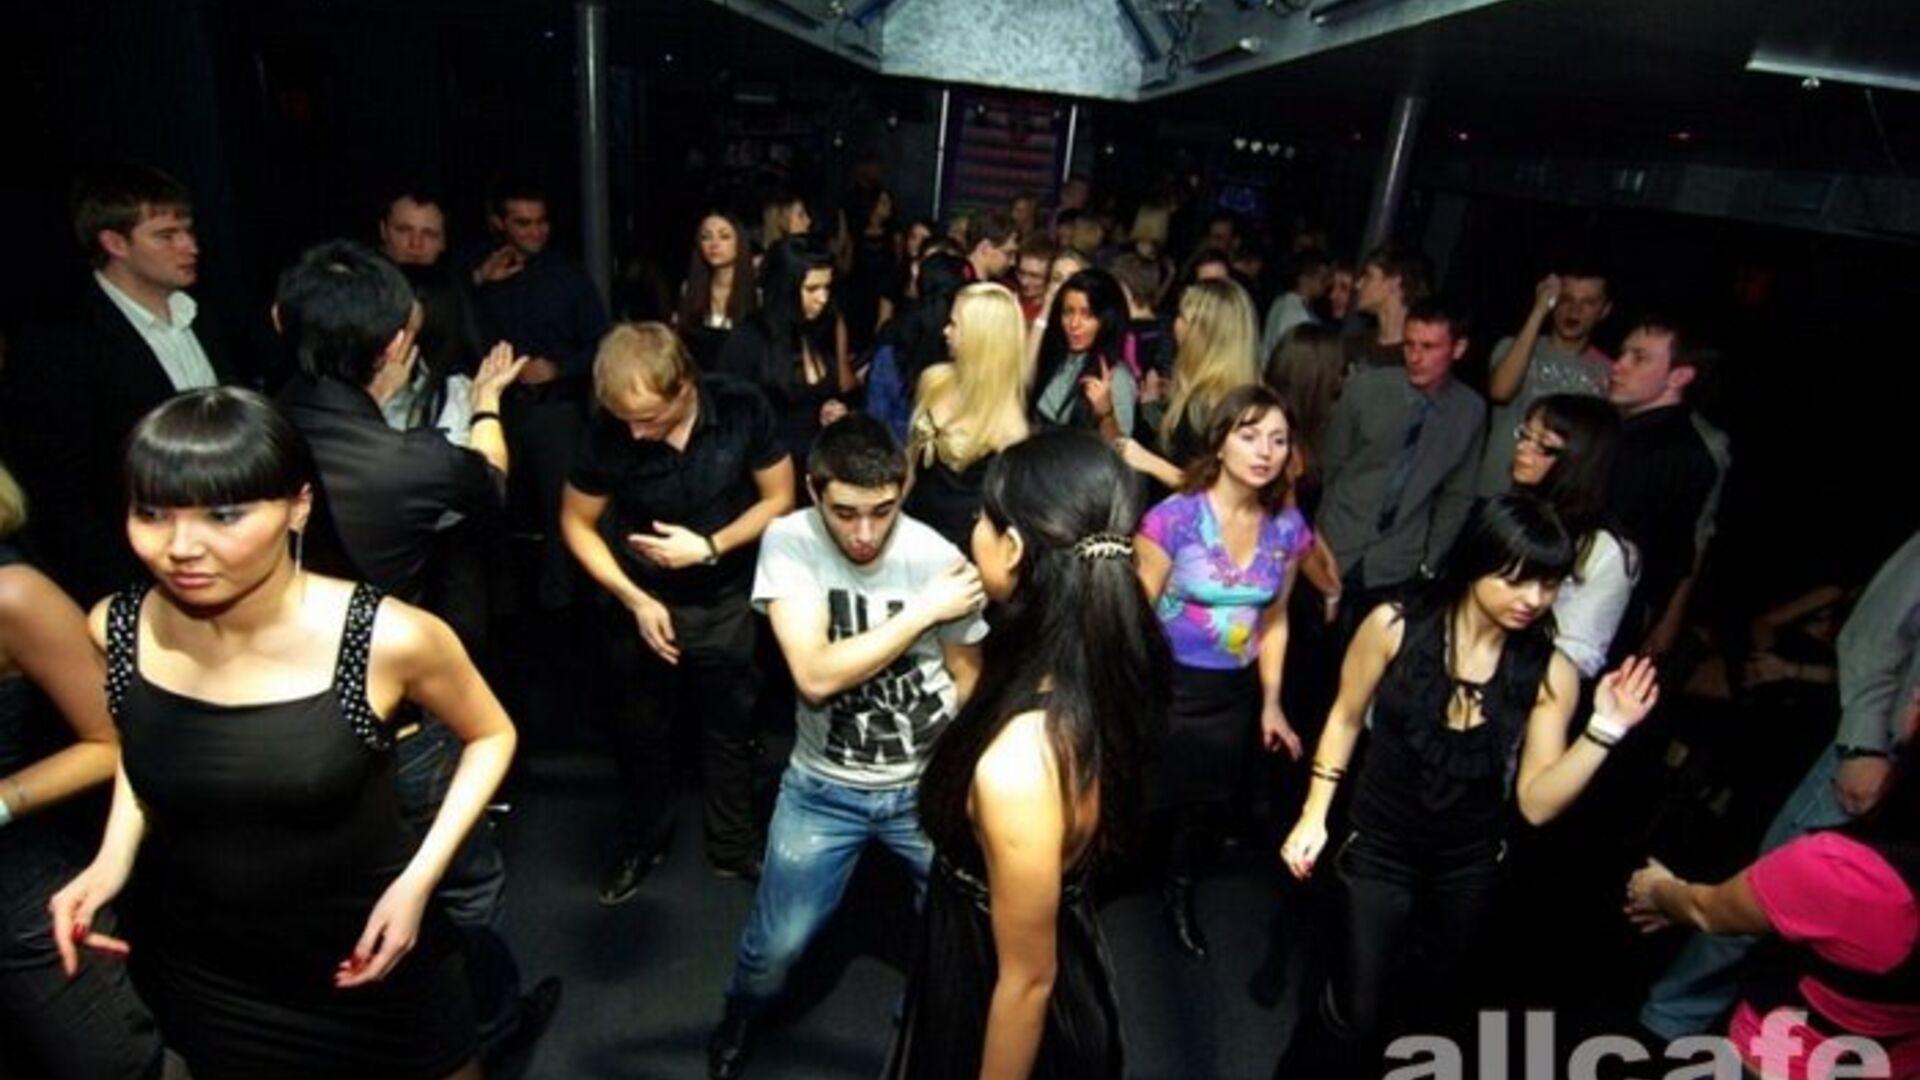 Великий новгород ночной клуб макс москва ночной клуб территория